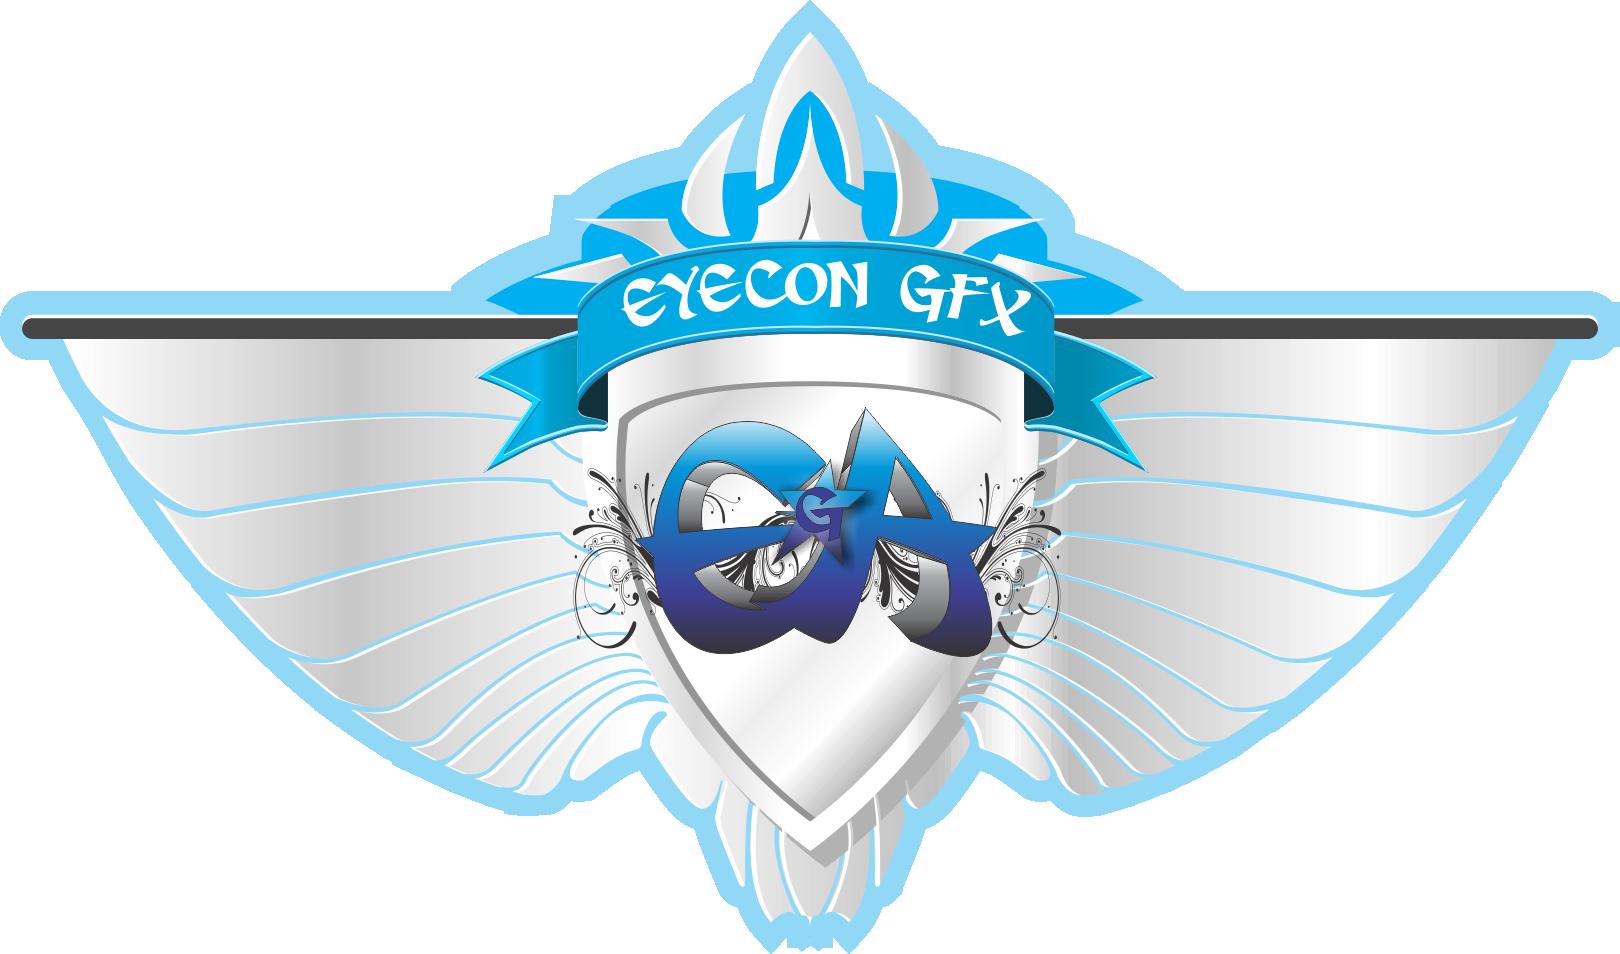 2016 EYECON GFX LOGO 1